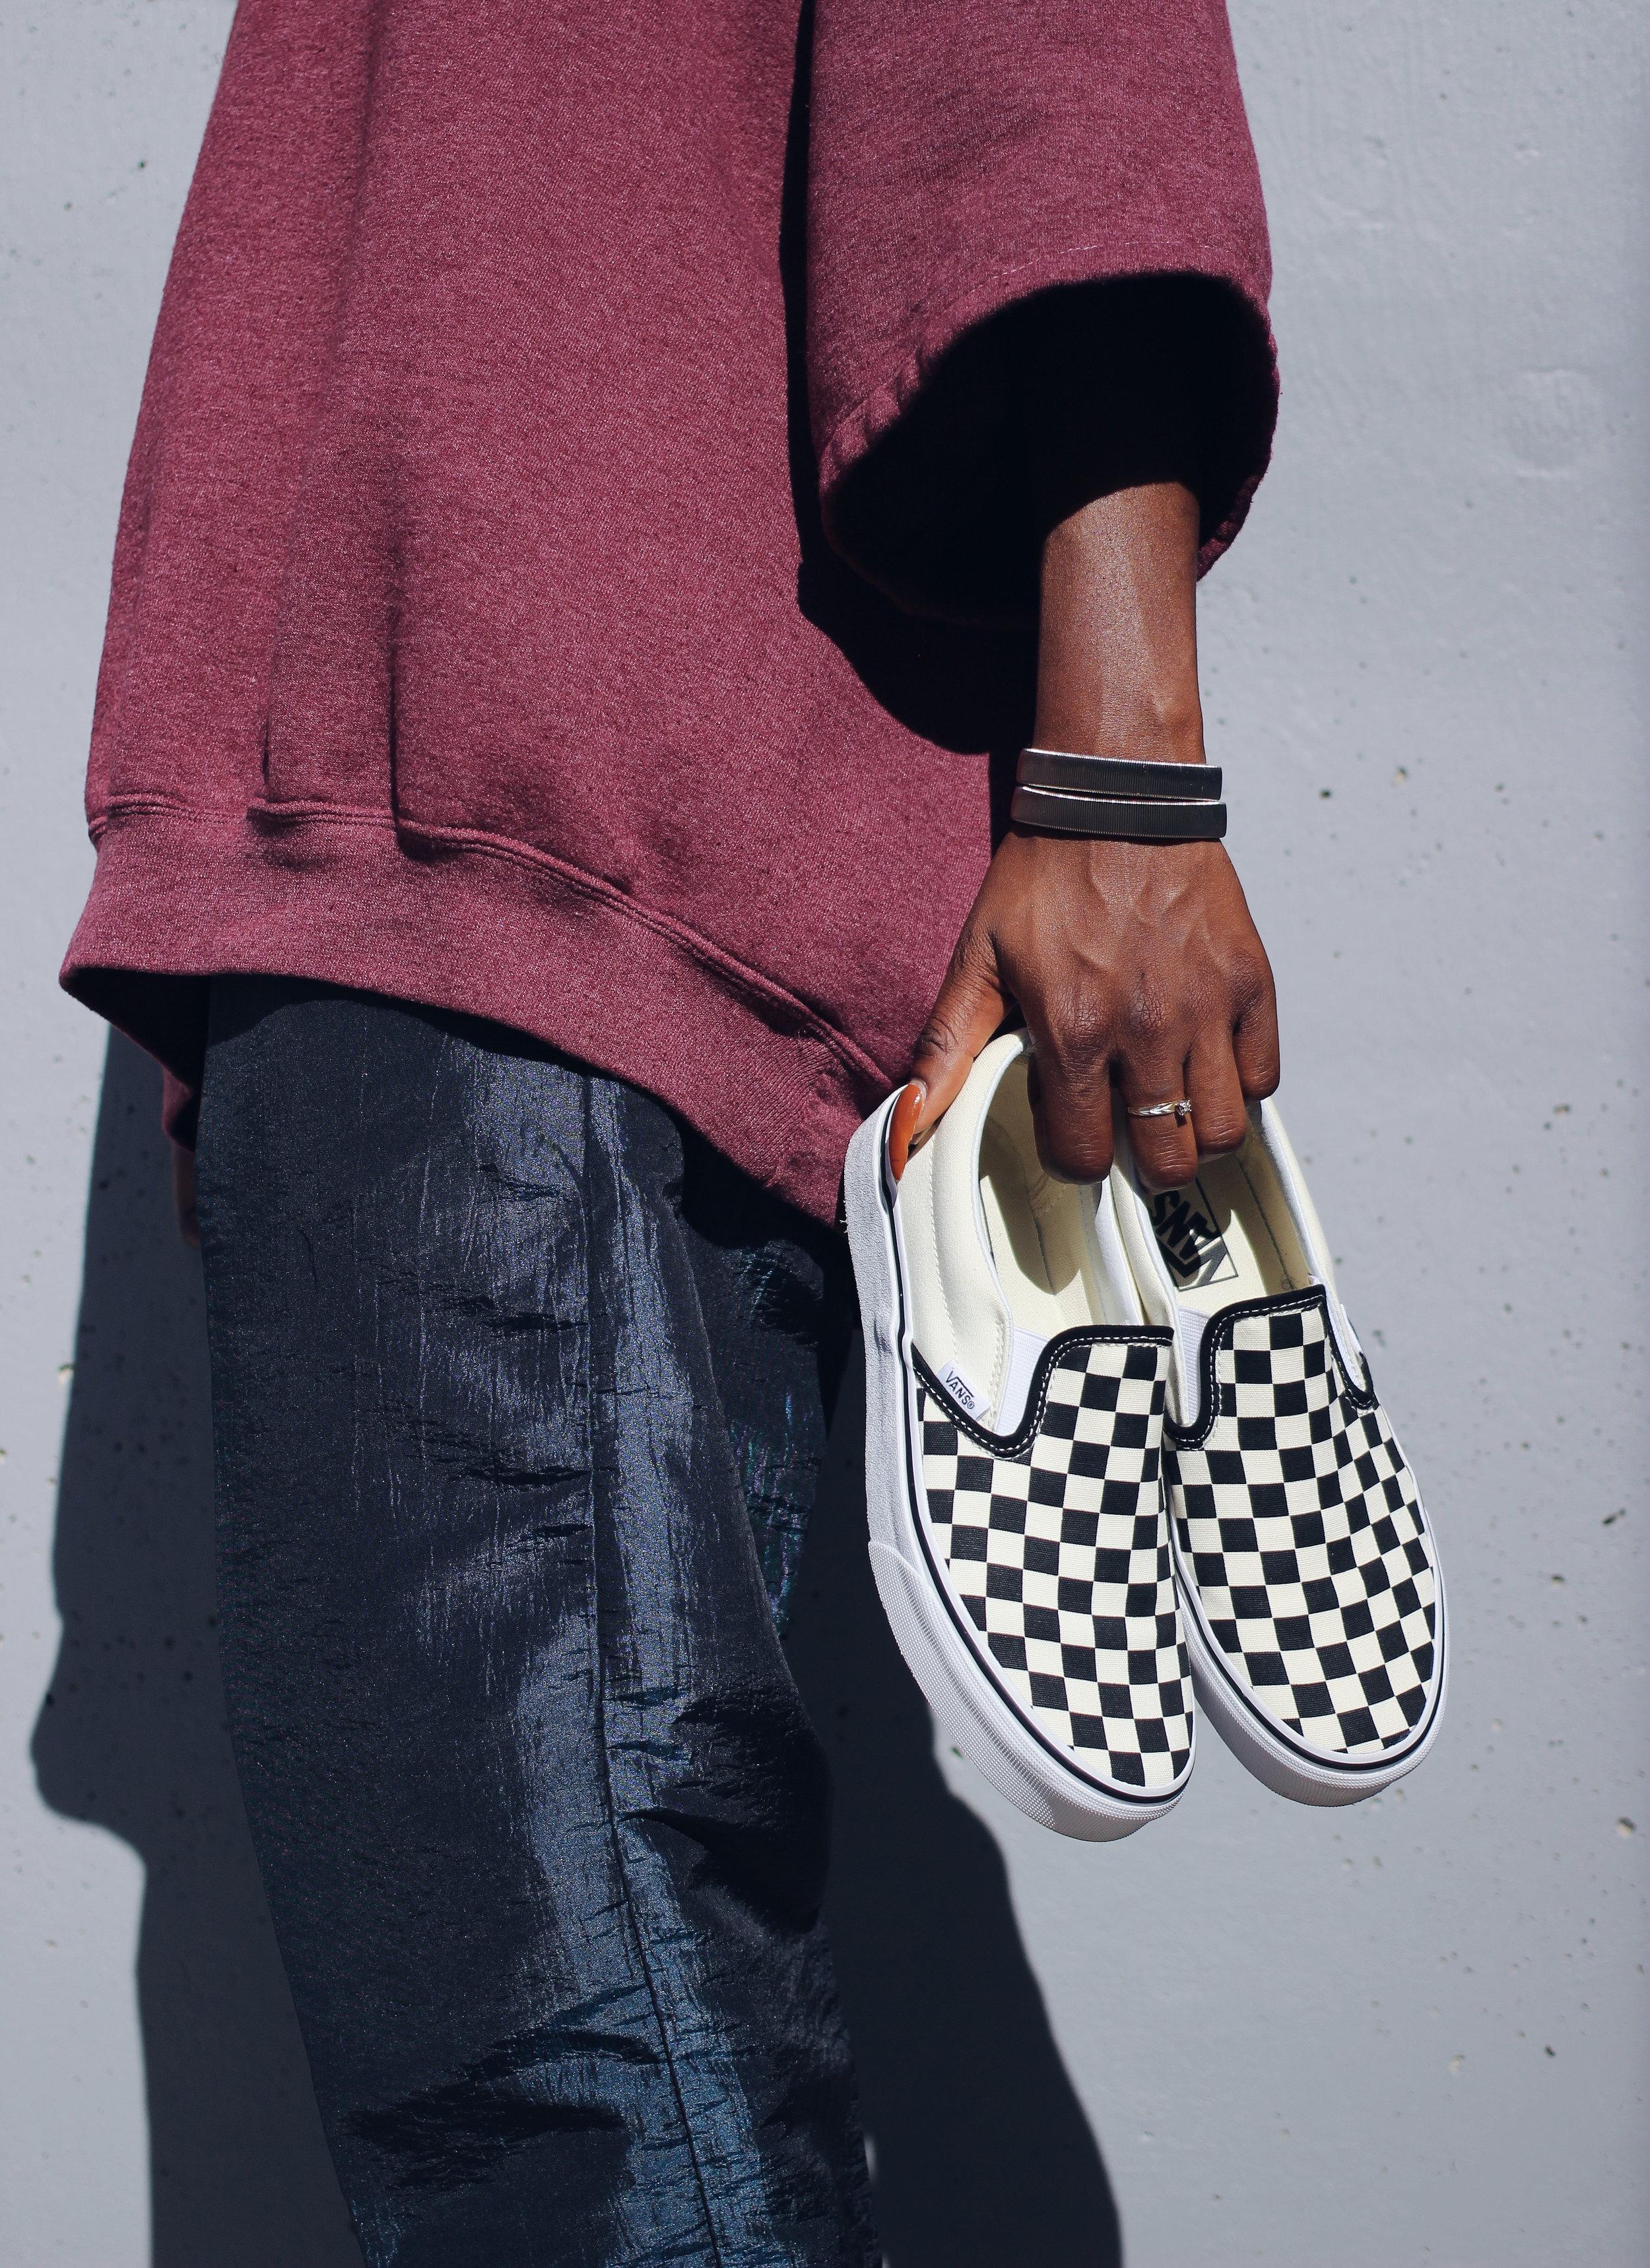 Vans Checkboard Slipons